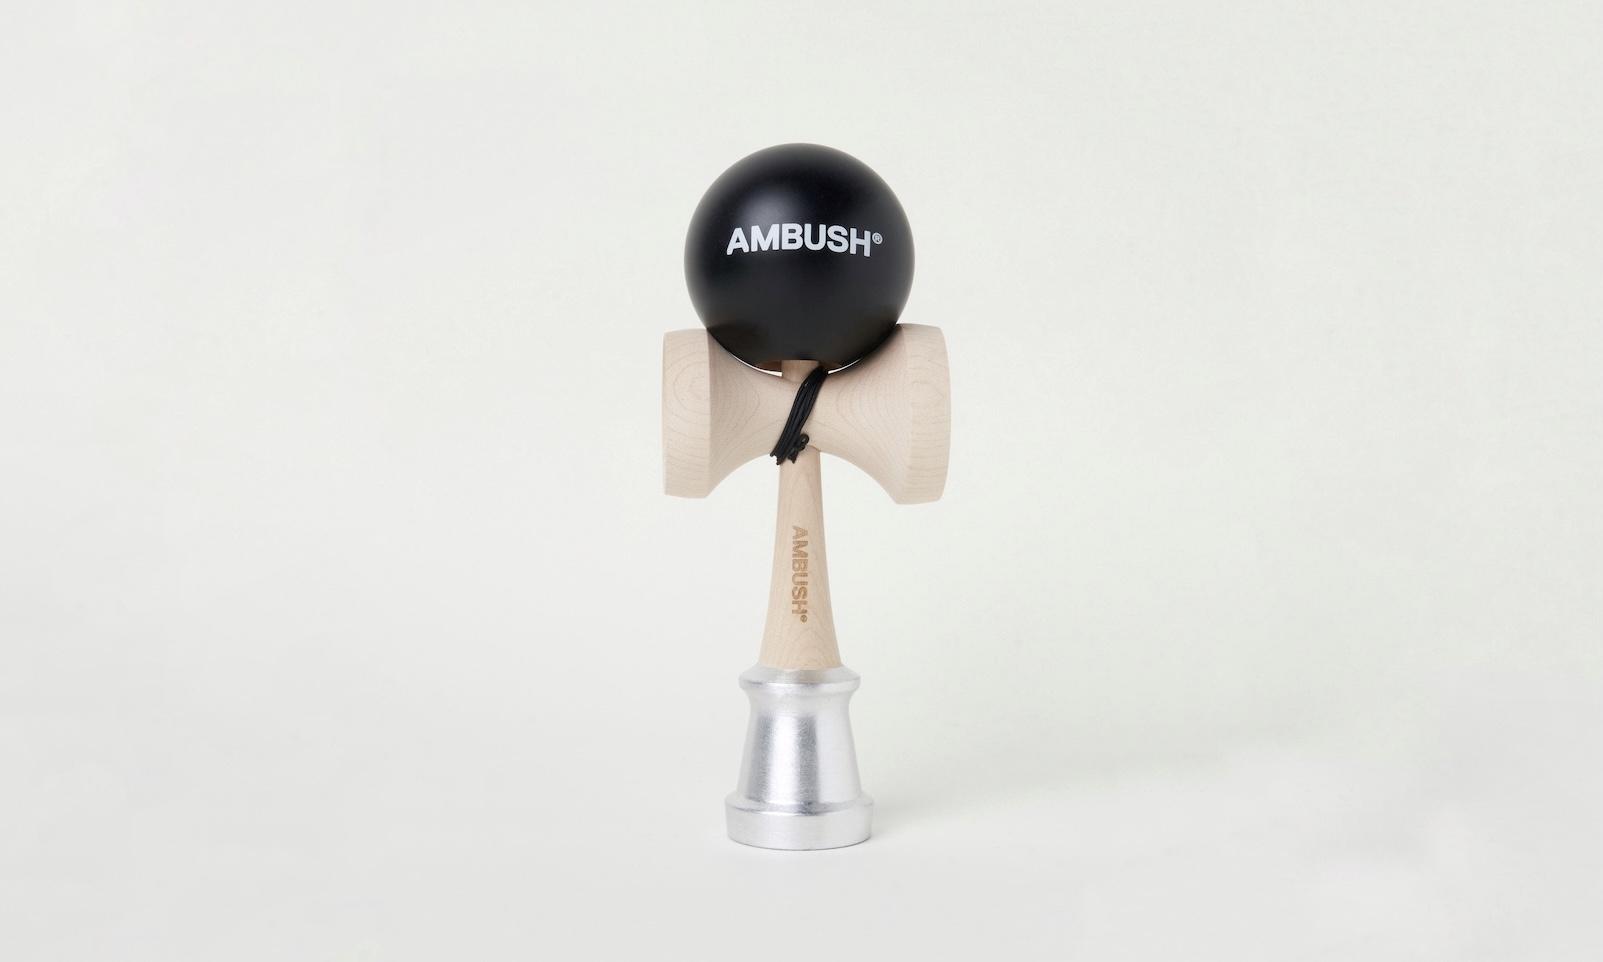 限定数量 AMBUSH®のけん玉発売